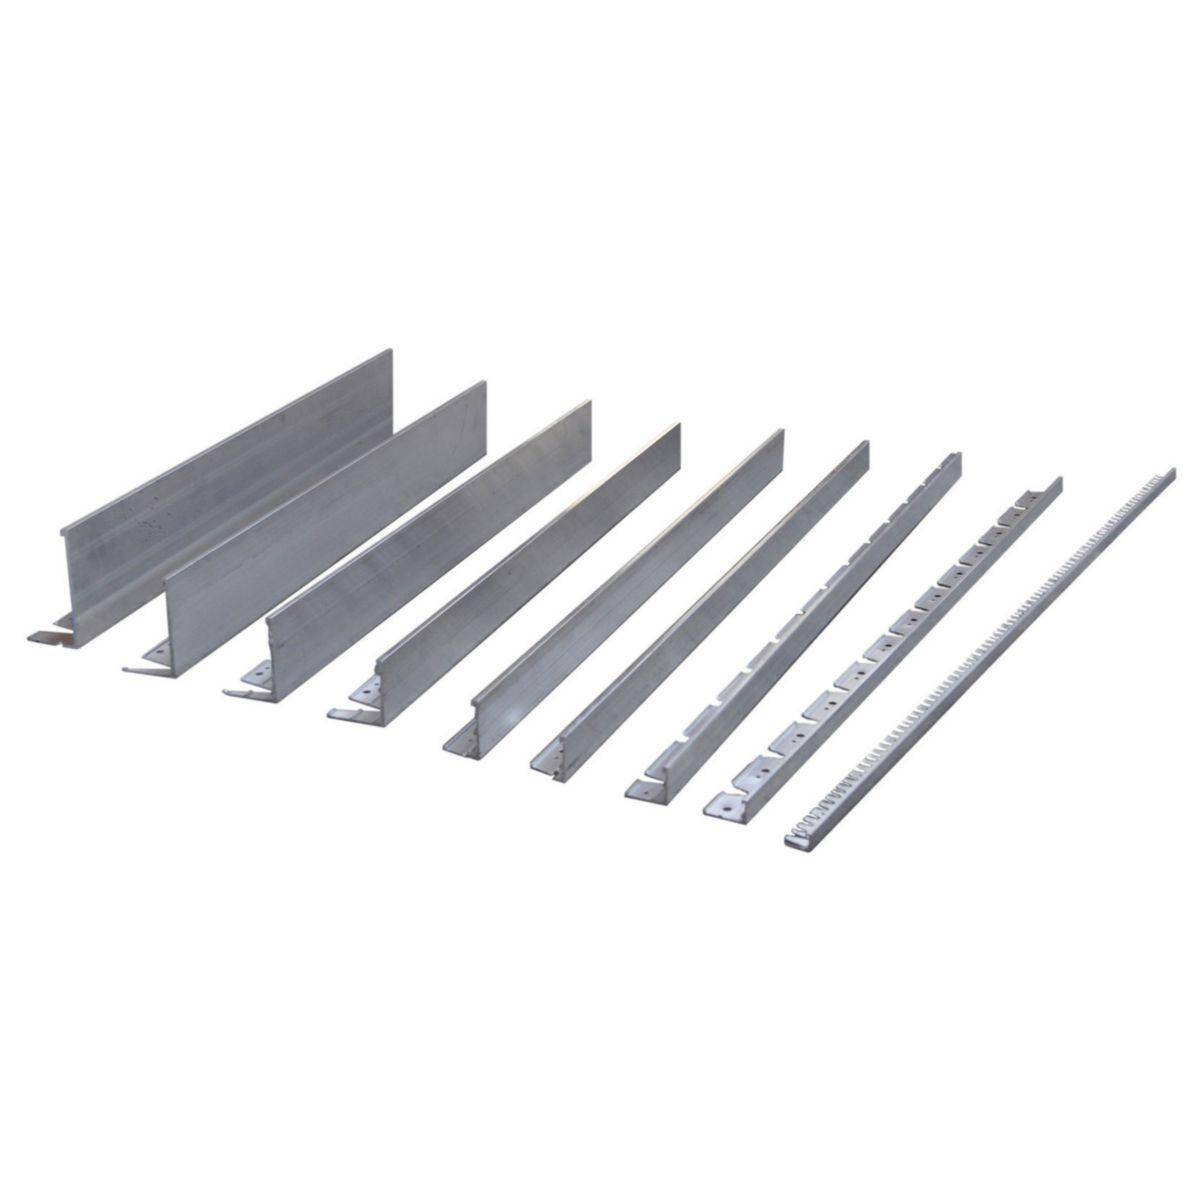 Bordure En Aluminium Profile En L Borderstyle - 100 Mm X 70 Mm X 2,30 Ml (5  Clous Par Longueur Et 1 Raidisseur Inclus) Pour Surface Dure Alu à Point P Bordures De Jardin